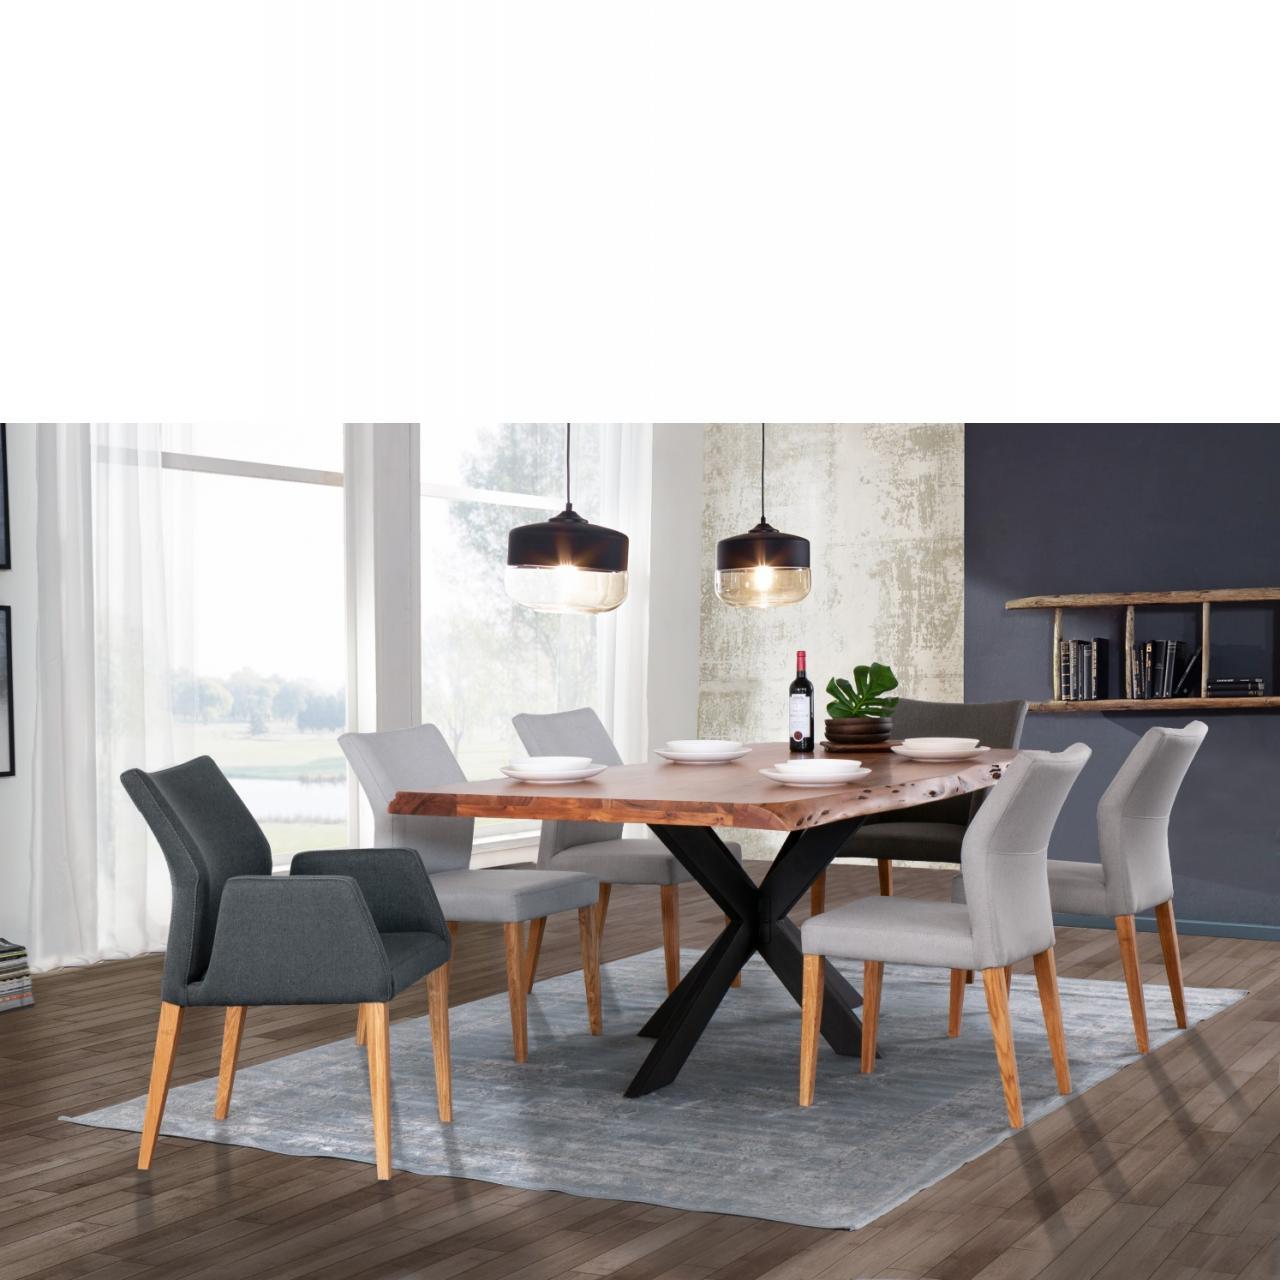 Esstisch TI-0492 Akazienholz Massiv Eisen Schwarz 220x100 Mit Baumkante Tisch